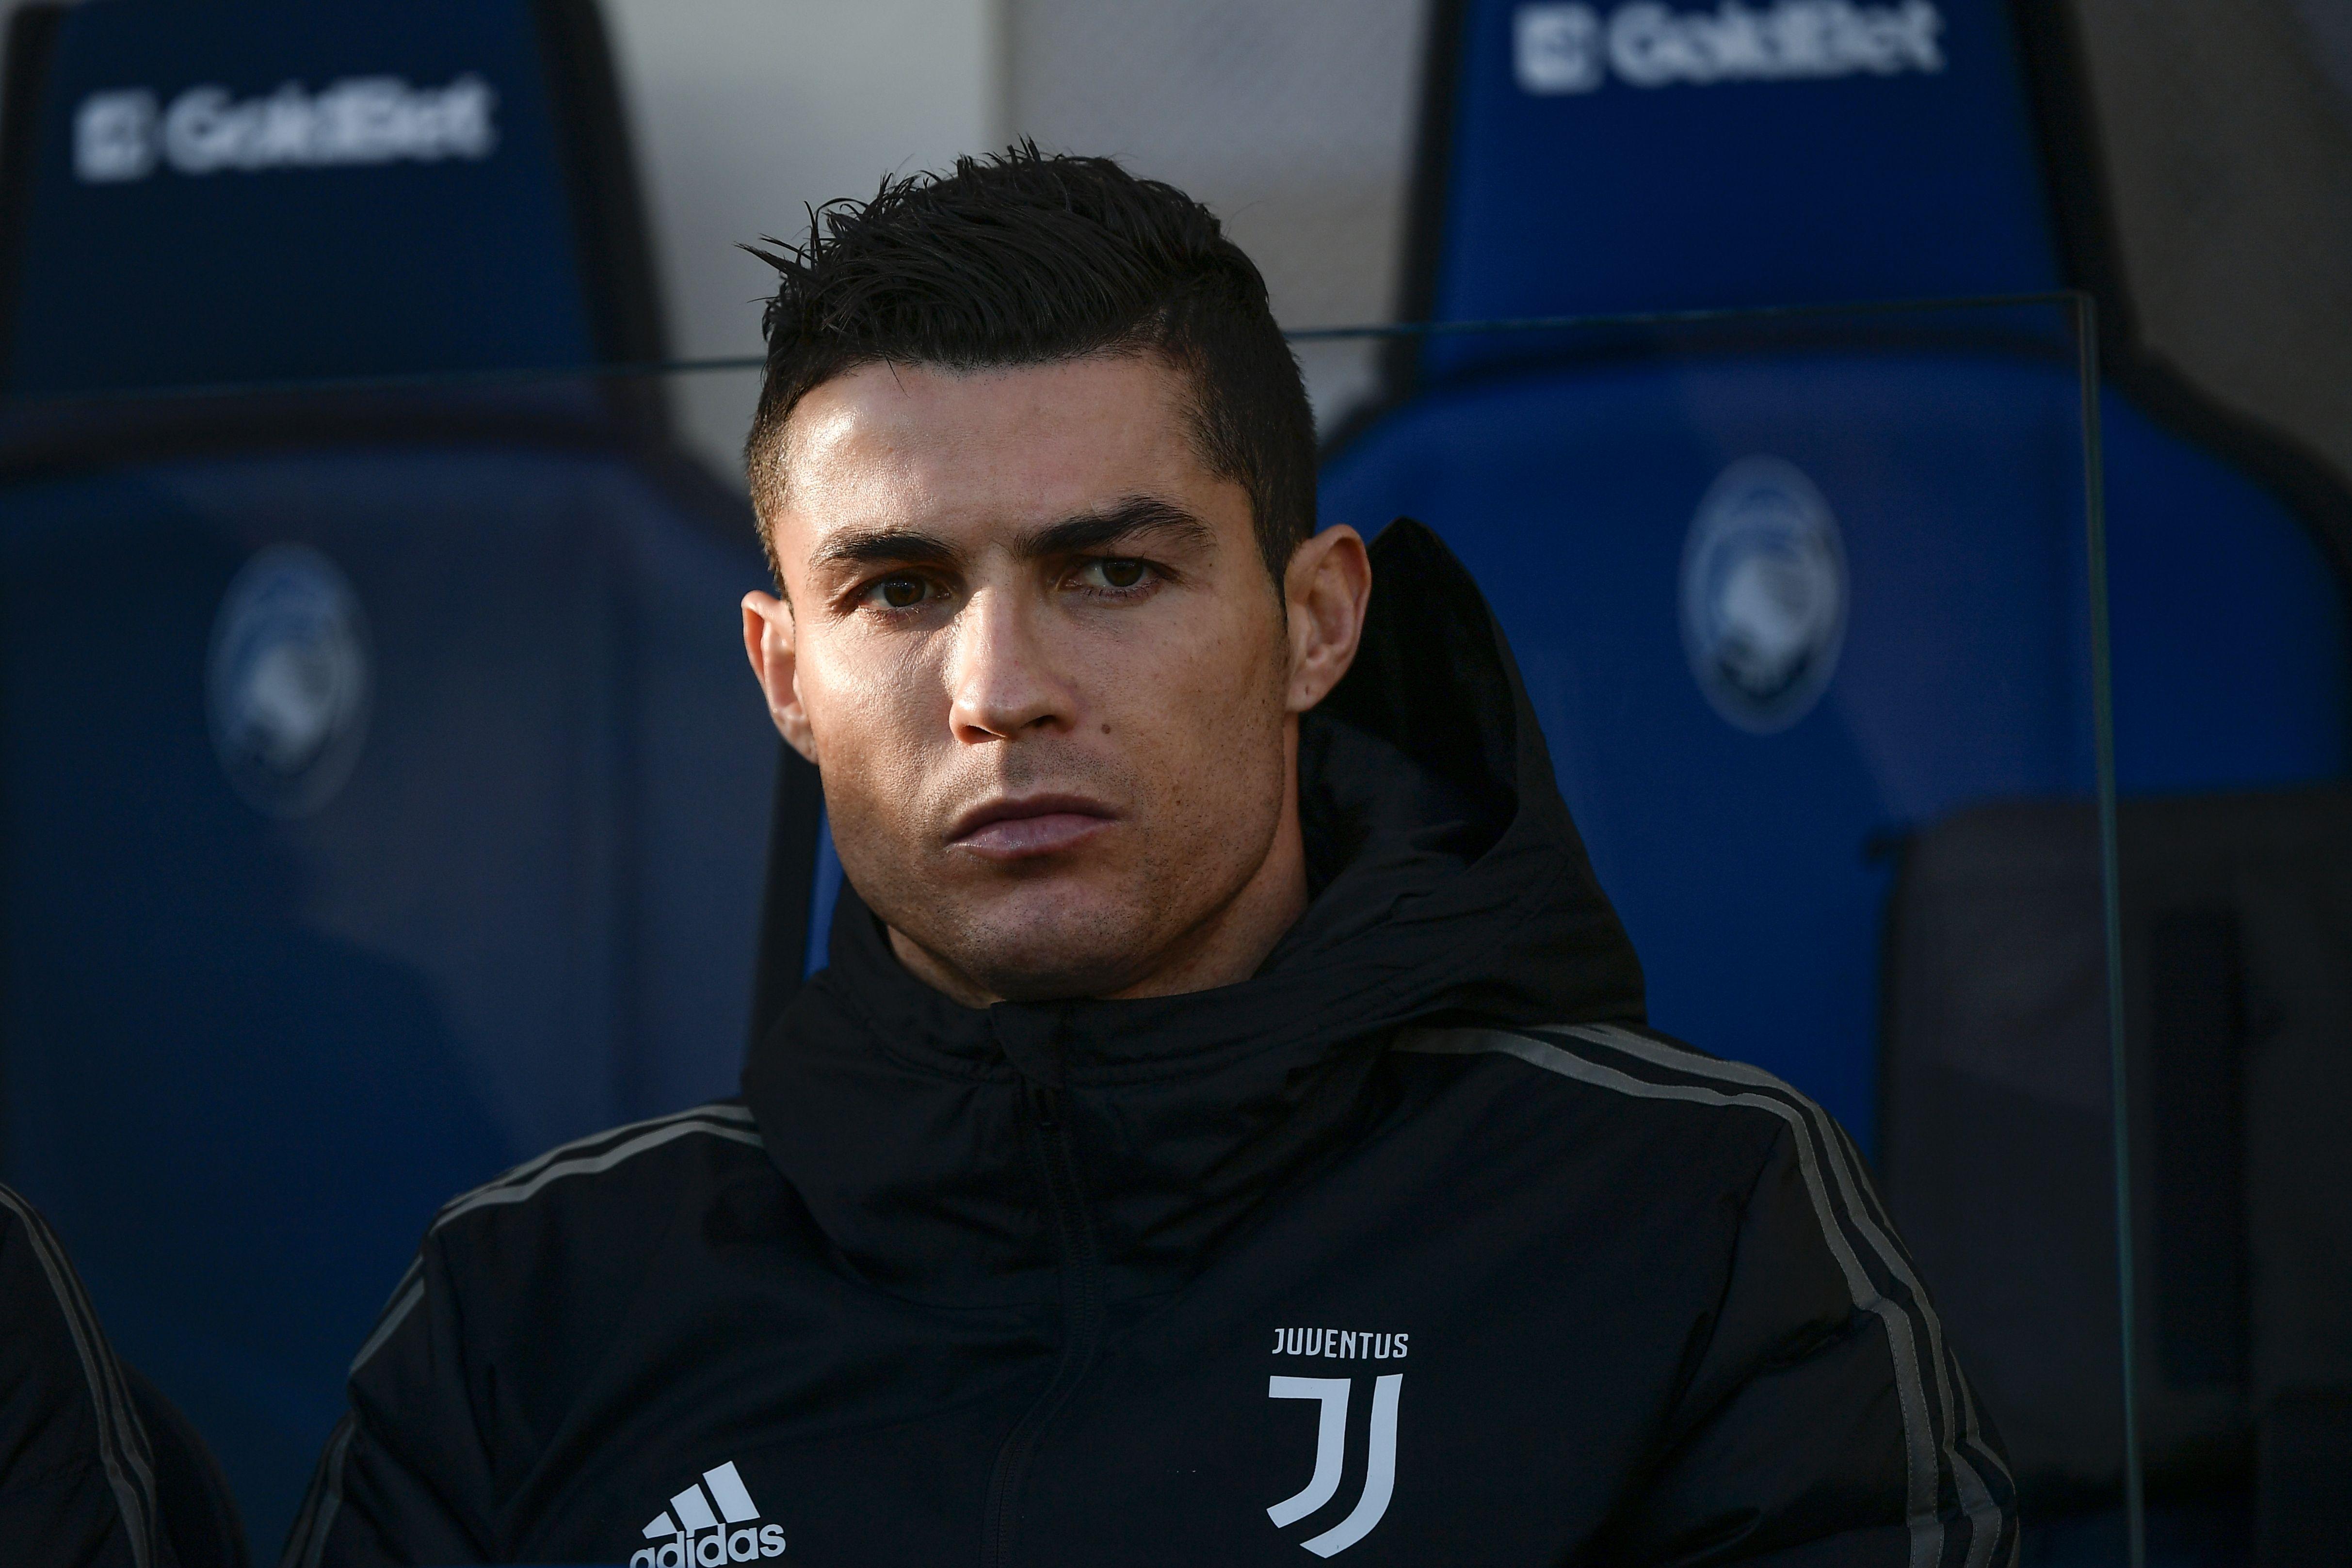 Dna Probe Angefordert Cristiano Ronaldo Nach Heftigen Vorwrfen